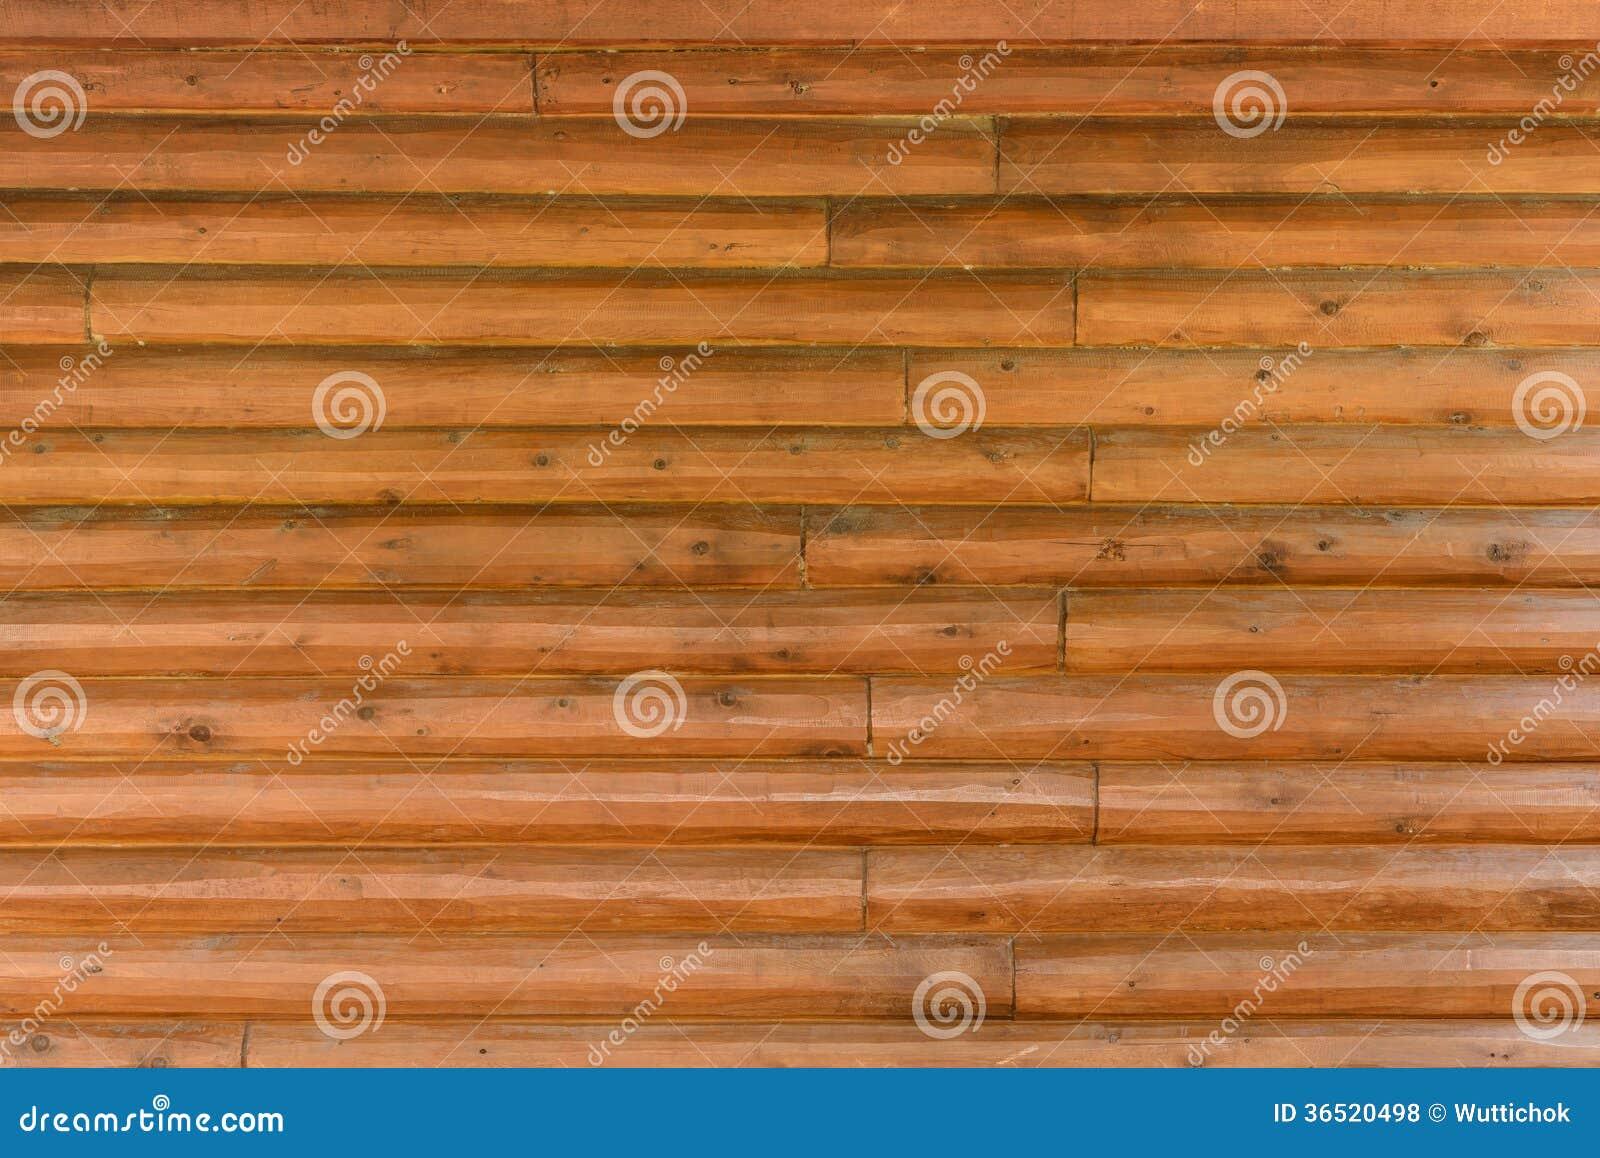 Bouclier avec un grand nombre de rondins en bois parallèles